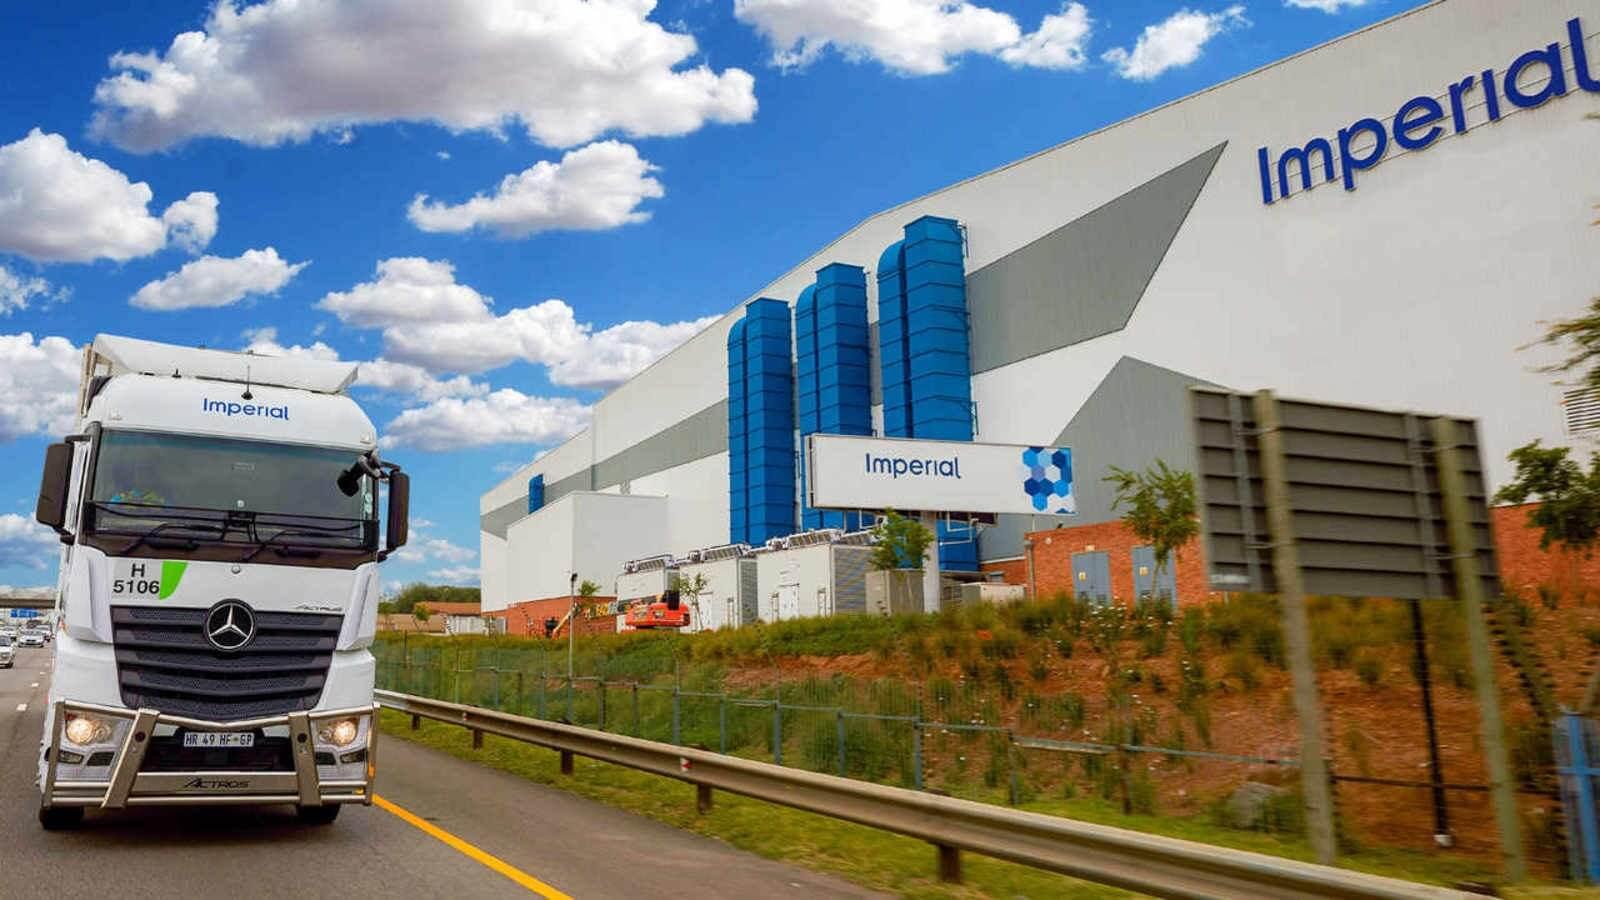 DP World intenționează să achiziționeze Imperial Logistics